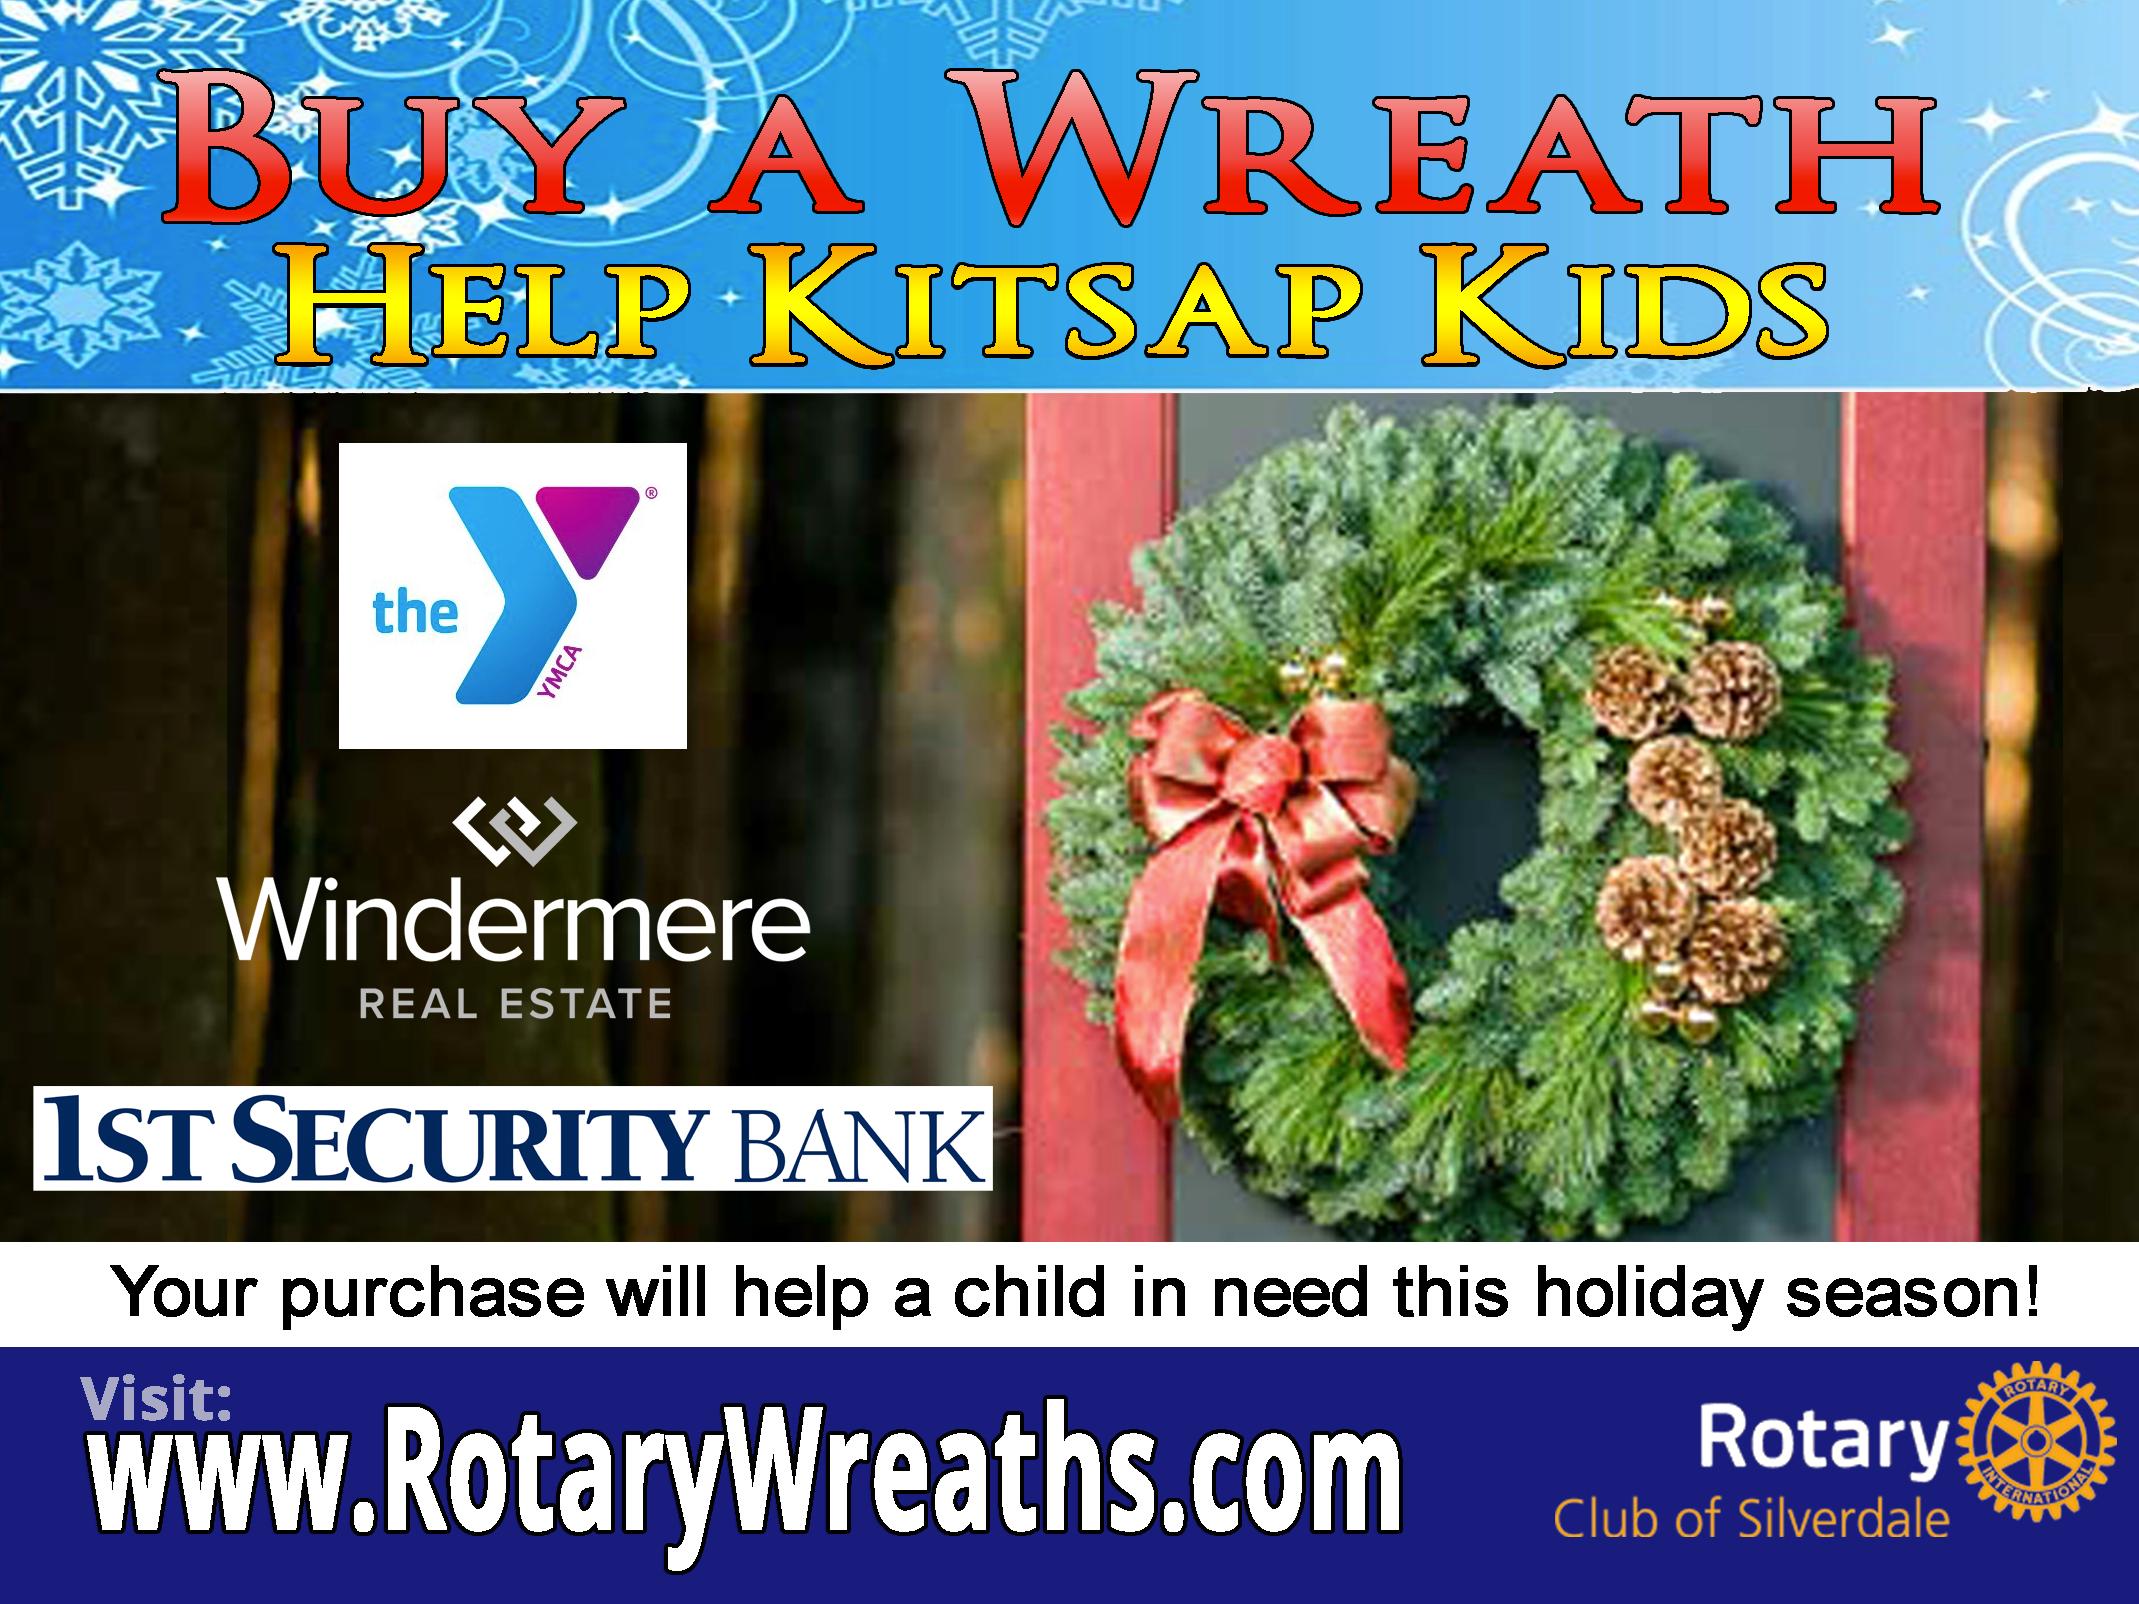 Kitsap Kids Wreaths Fundraiser